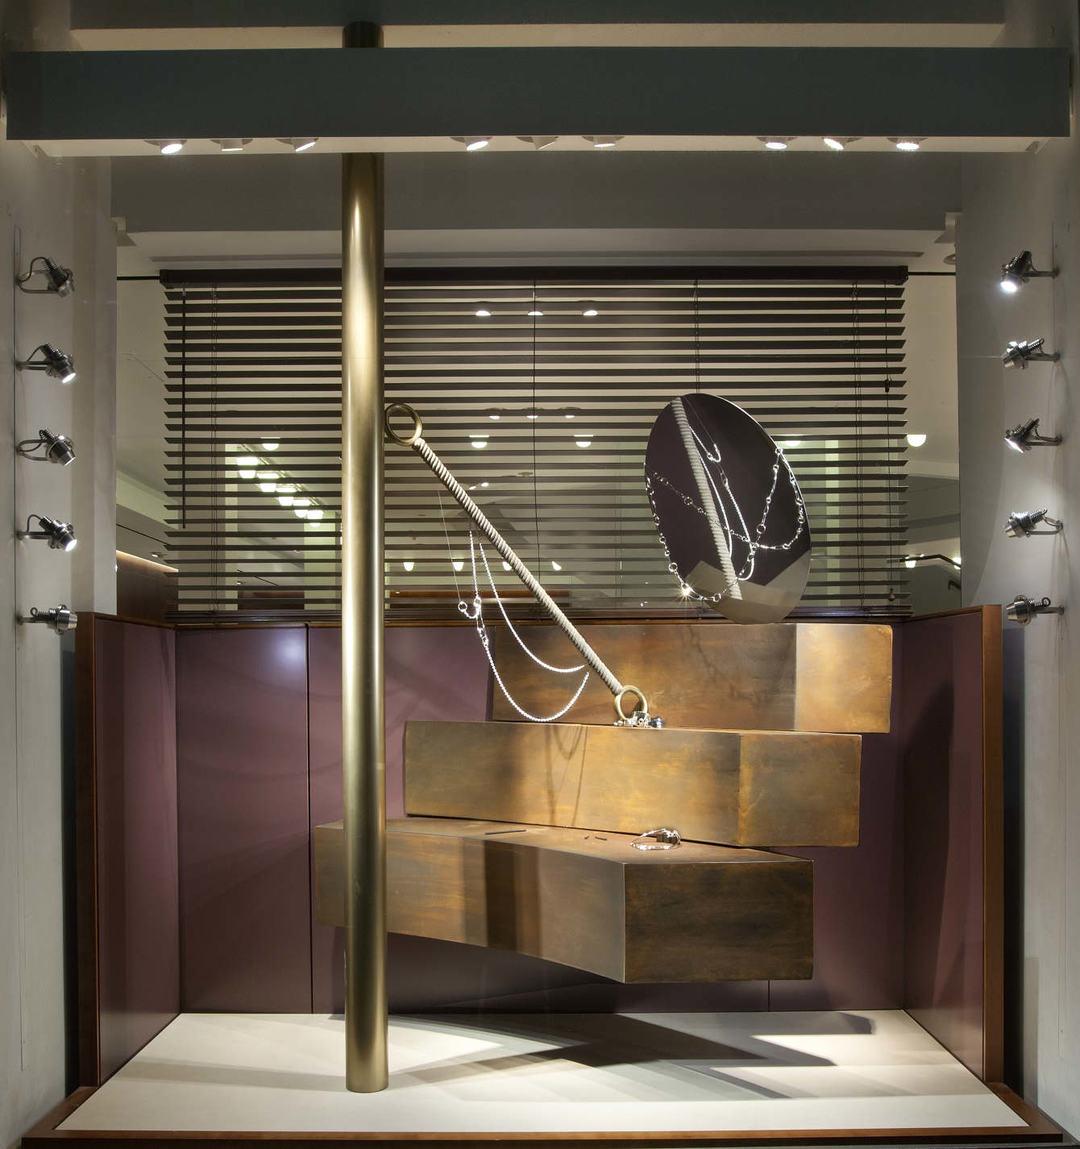 这一期爱马仕的橱窗设计,又花了什么鬼心思?_设计_好奇心日报